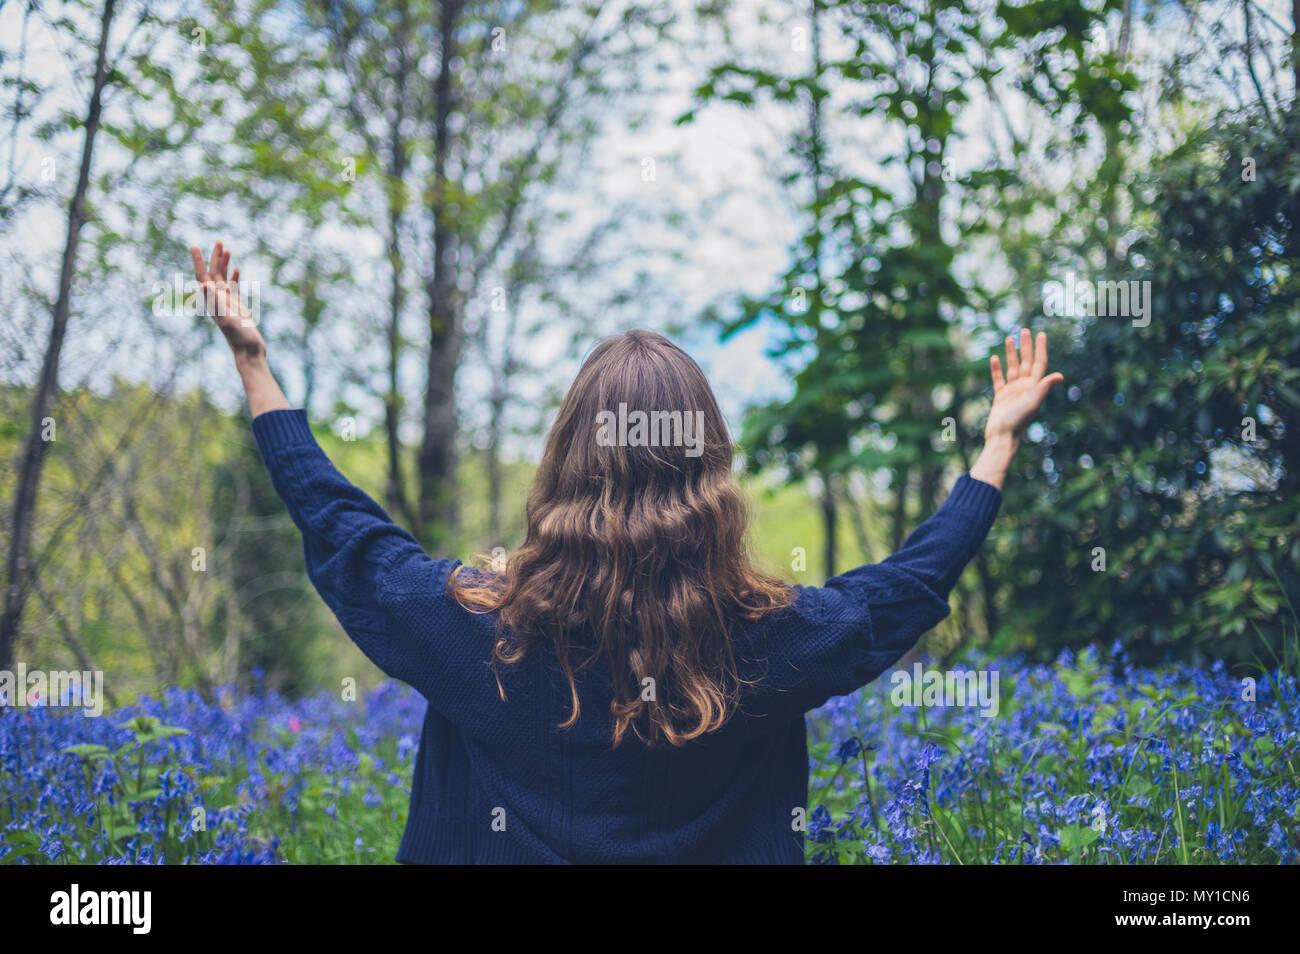 Un joven está sentado en una pradera de campanillas y es alegría levantando sus brazos Imagen De Stock